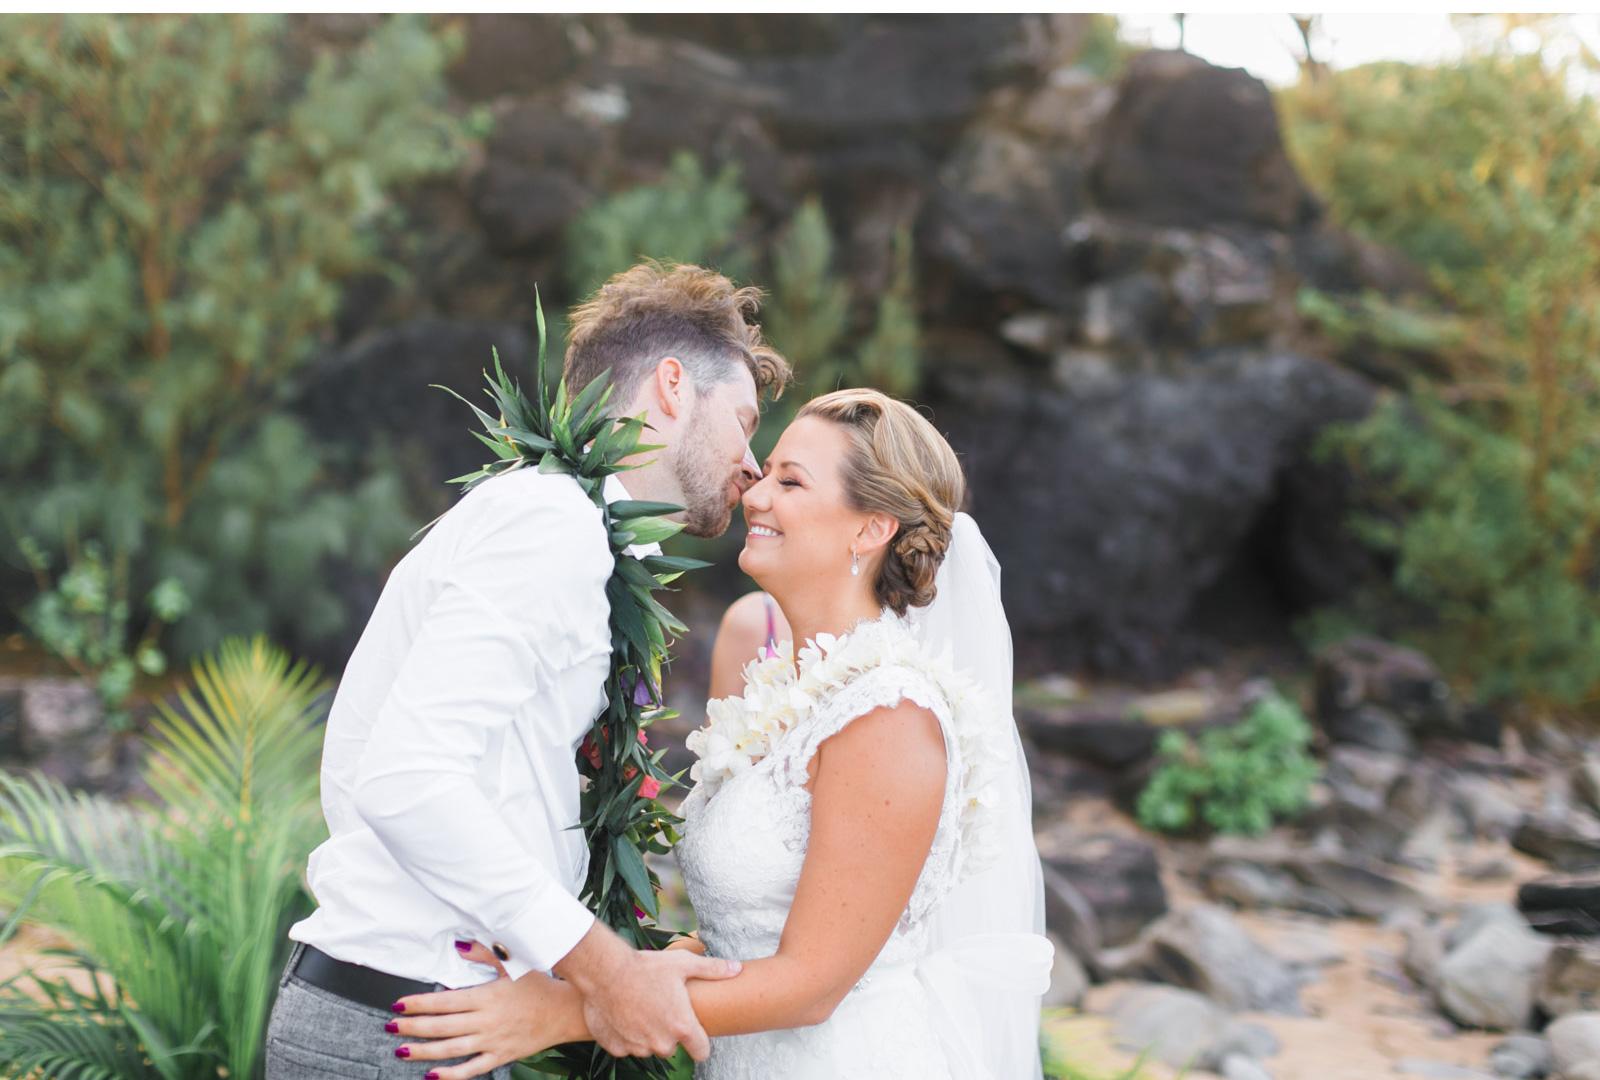 Natalie-Schutt-Photography---Maui-Elopement-Photographer_01.jpg